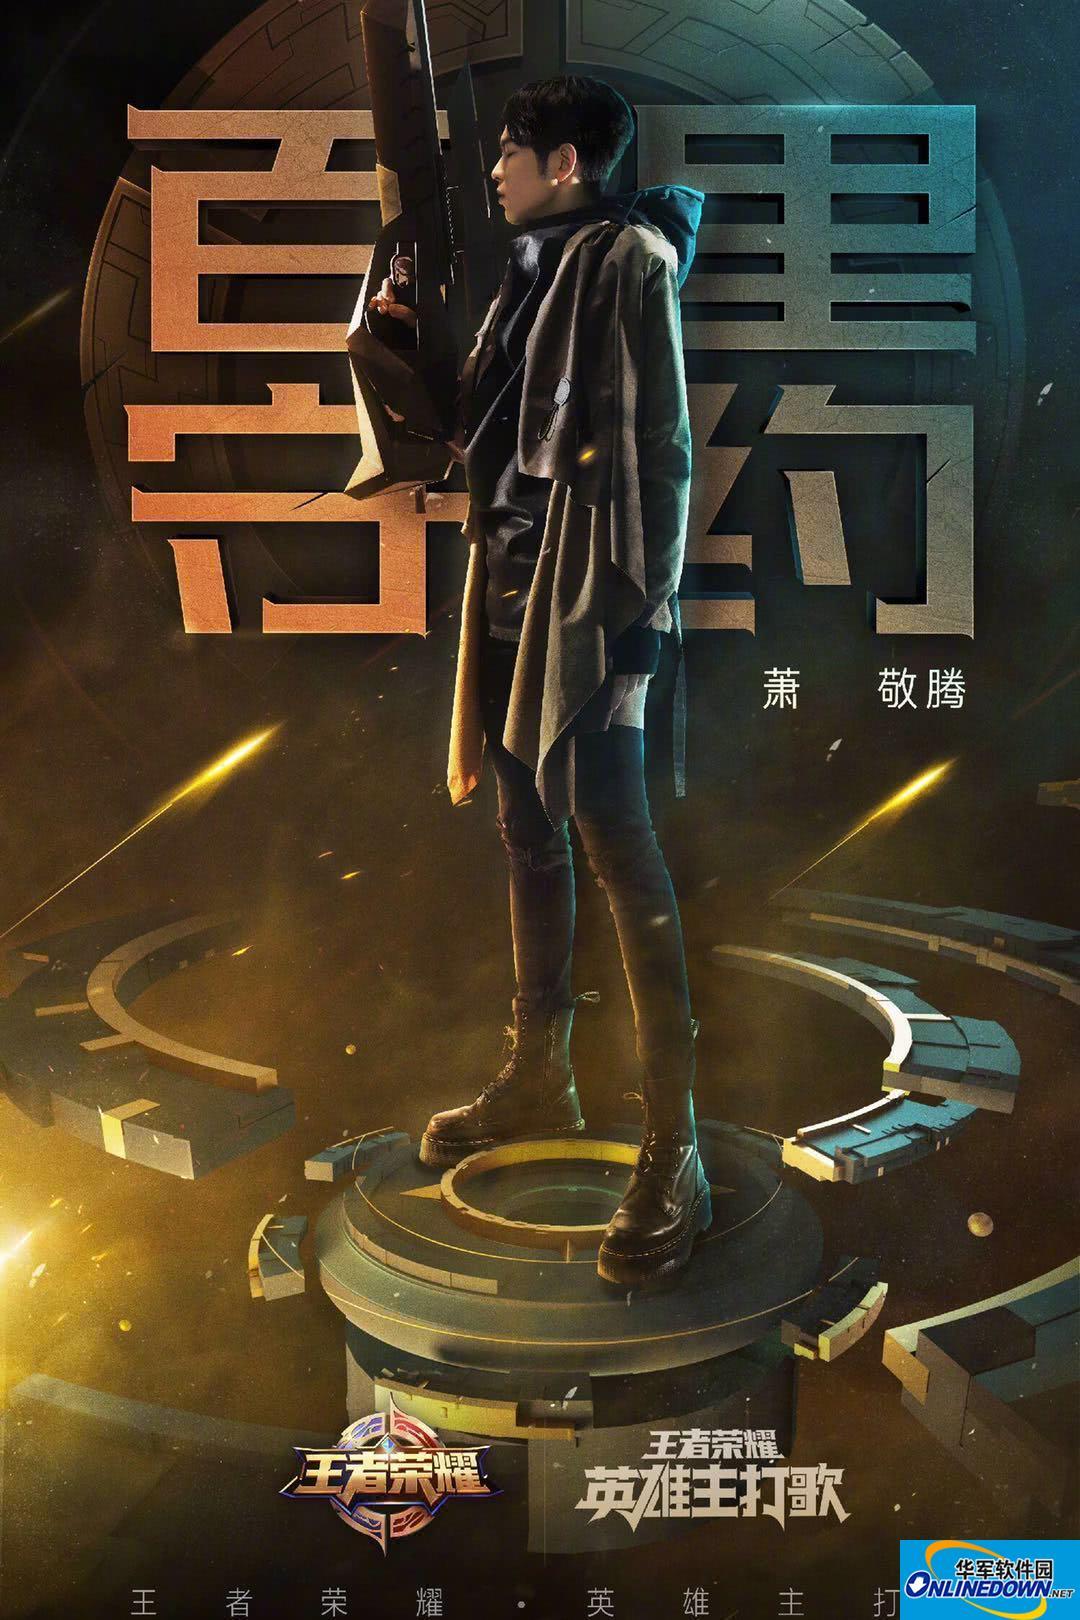 王者荣耀英雄主题单曲引关注 萧敬腾生日献唱《百里守约》